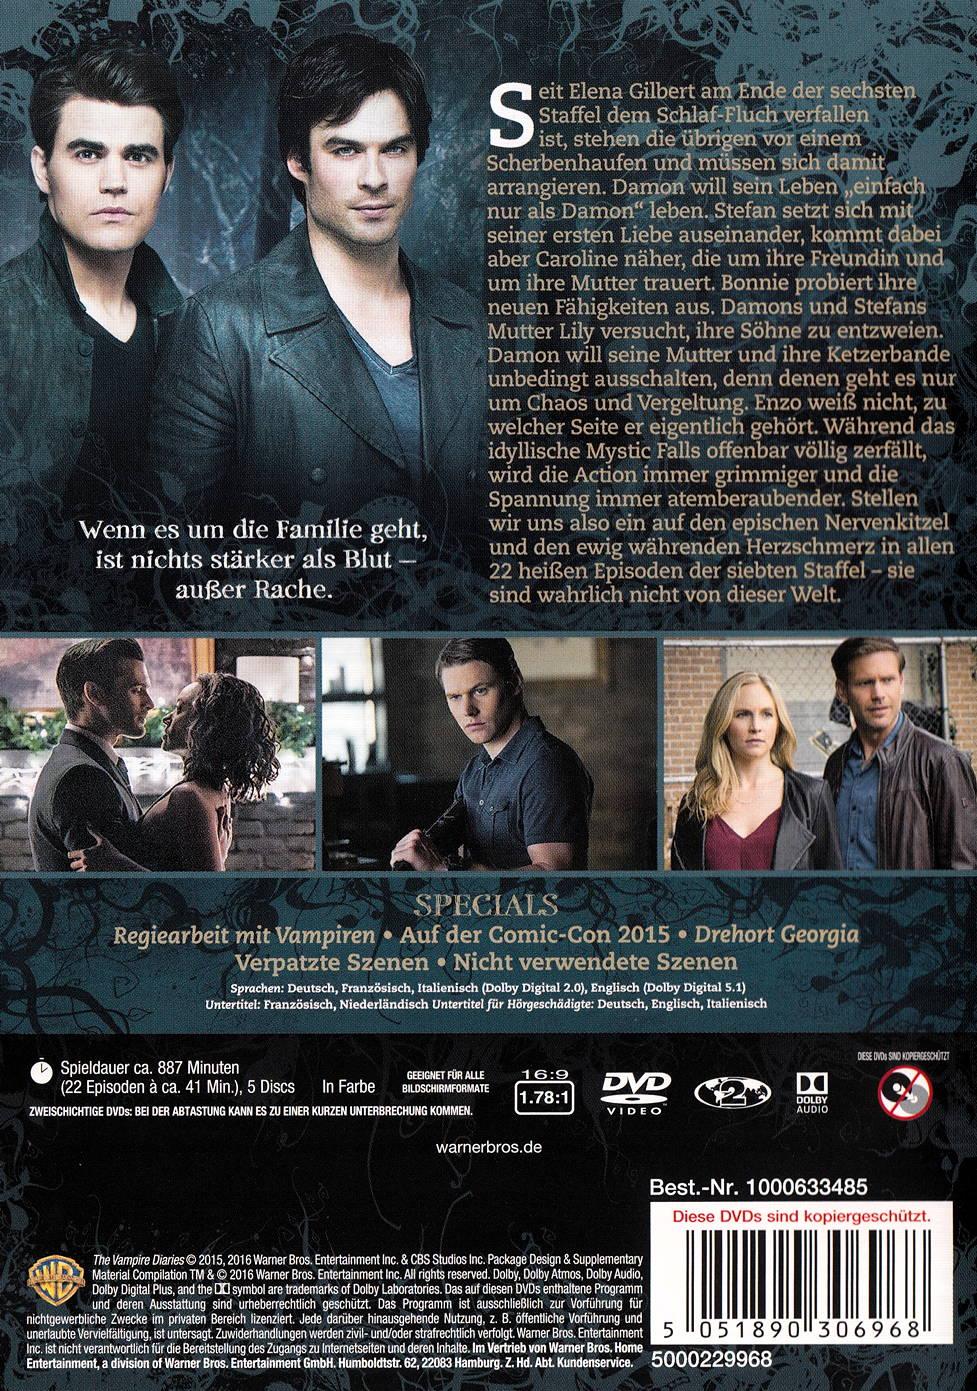 film the vampire diaries staffel 7 auf dvd oder blu ray kaufen moviesale die online. Black Bedroom Furniture Sets. Home Design Ideas